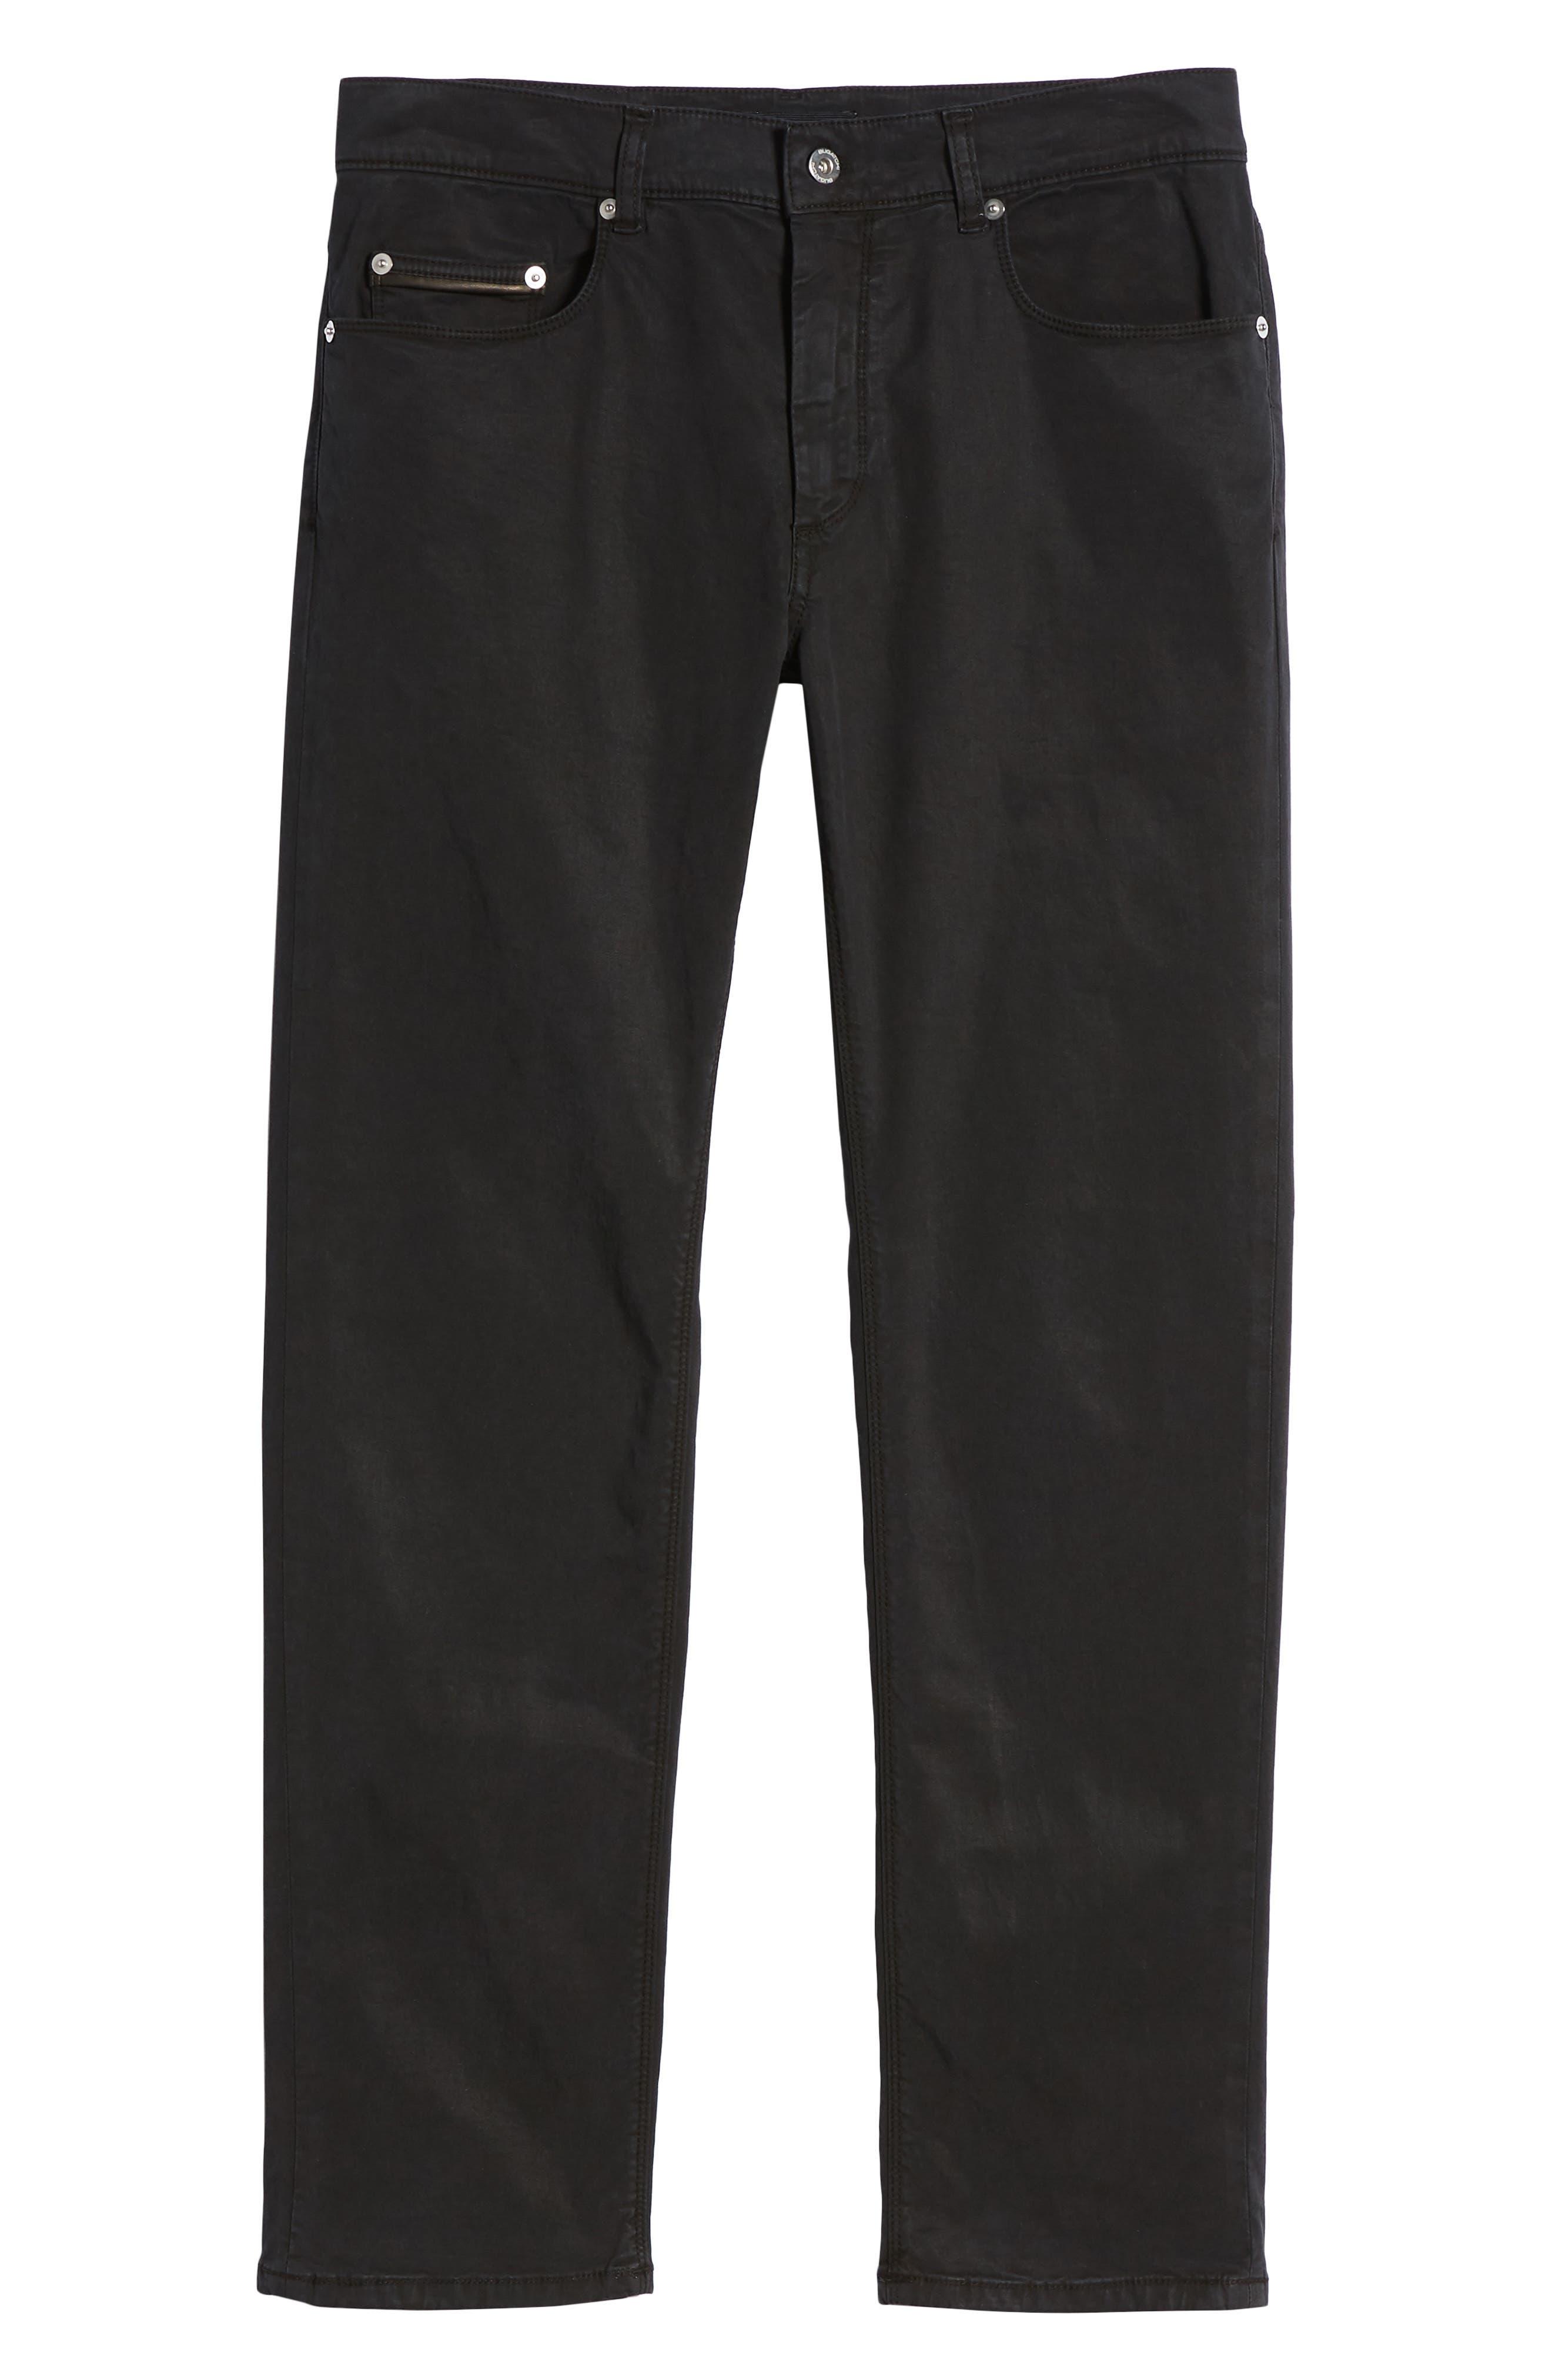 BUGATCHI,                             Trim Fit Pants,                             Alternate thumbnail 6, color,                             001